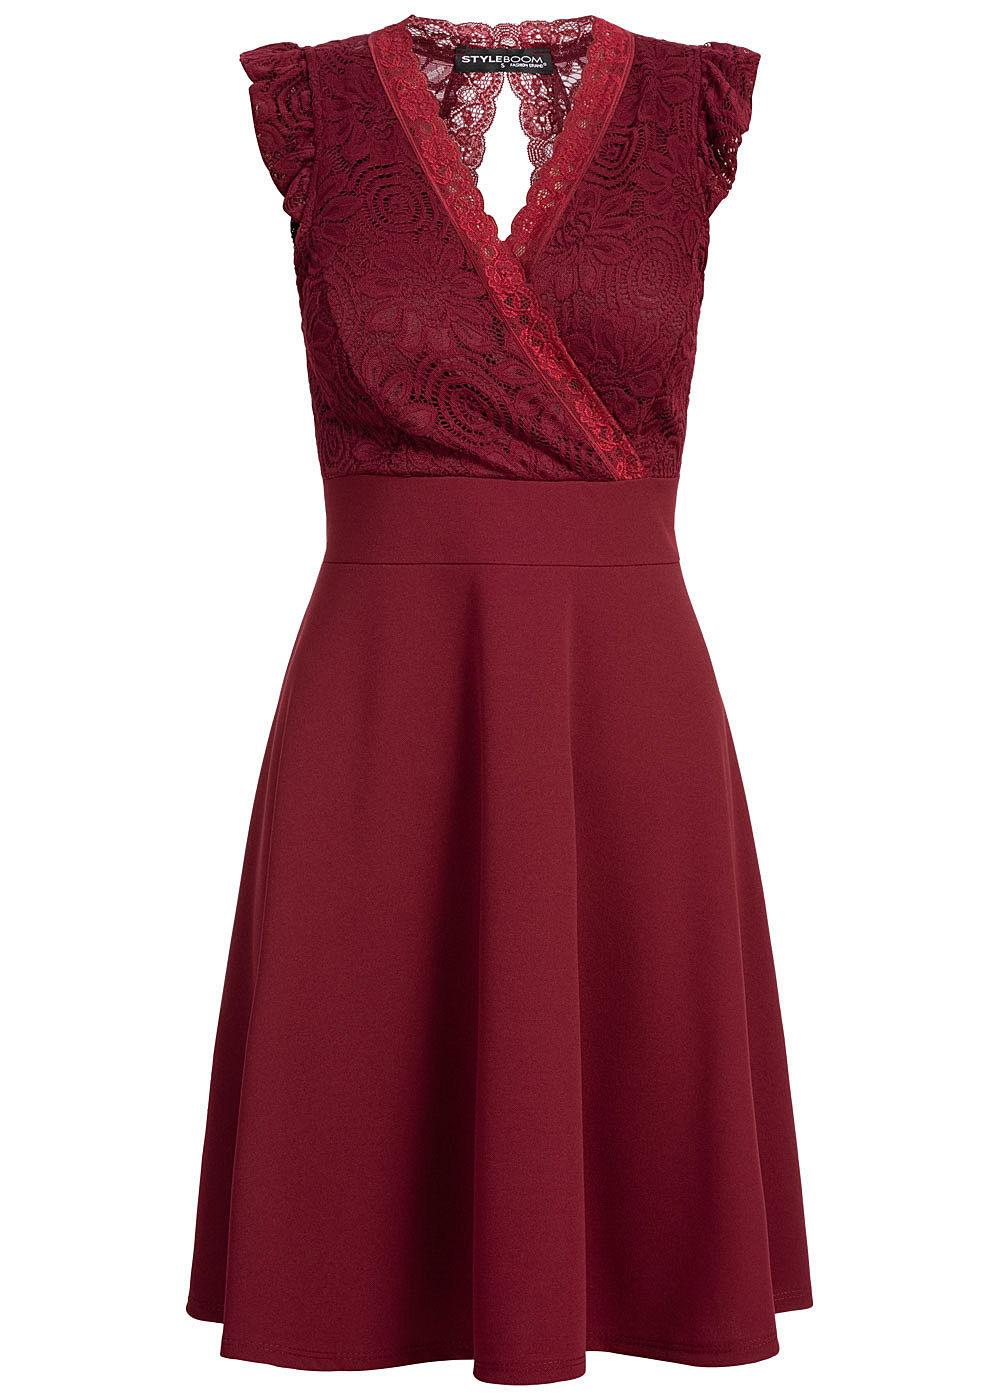 20 Coolste Bordeaux Kleid GalerieAbend Luxus Bordeaux Kleid Boutique